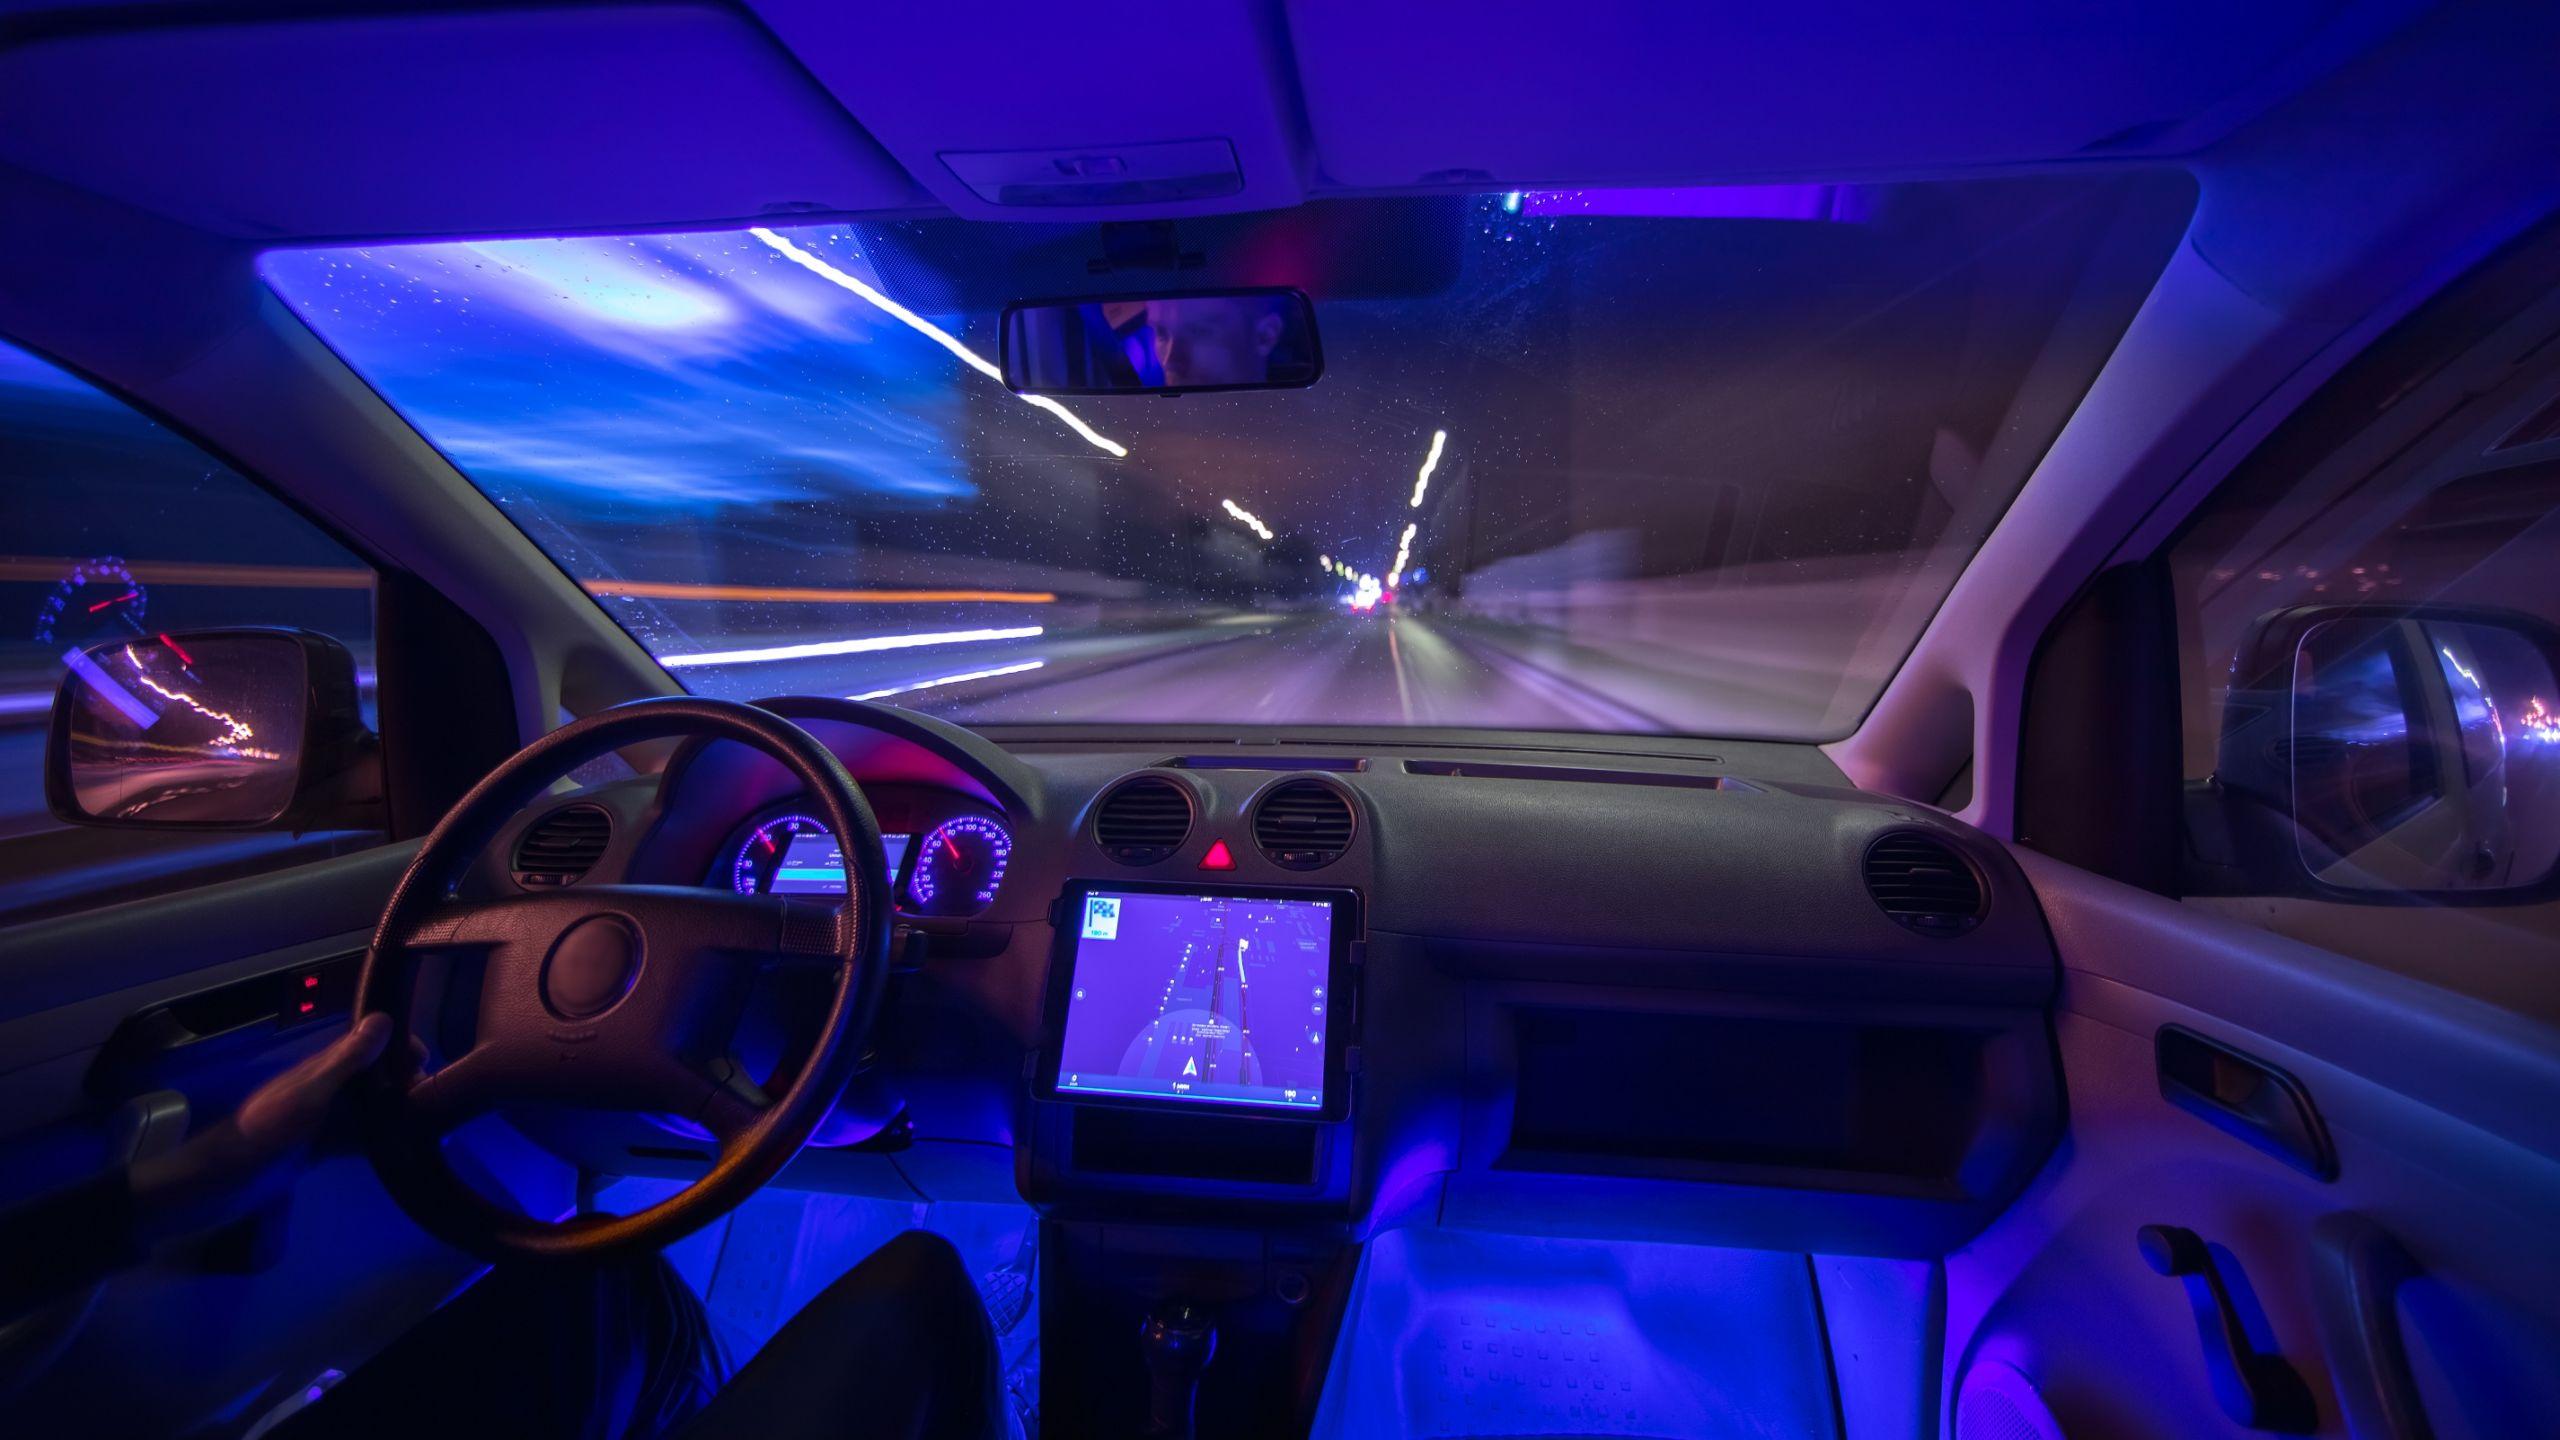 Luz da cabine do carro colorida: Entre os úteis e os inúteis, veja sete exemplos de acessório para carros que ninguém usa, desde a bússola na cabine até os modos de condução.